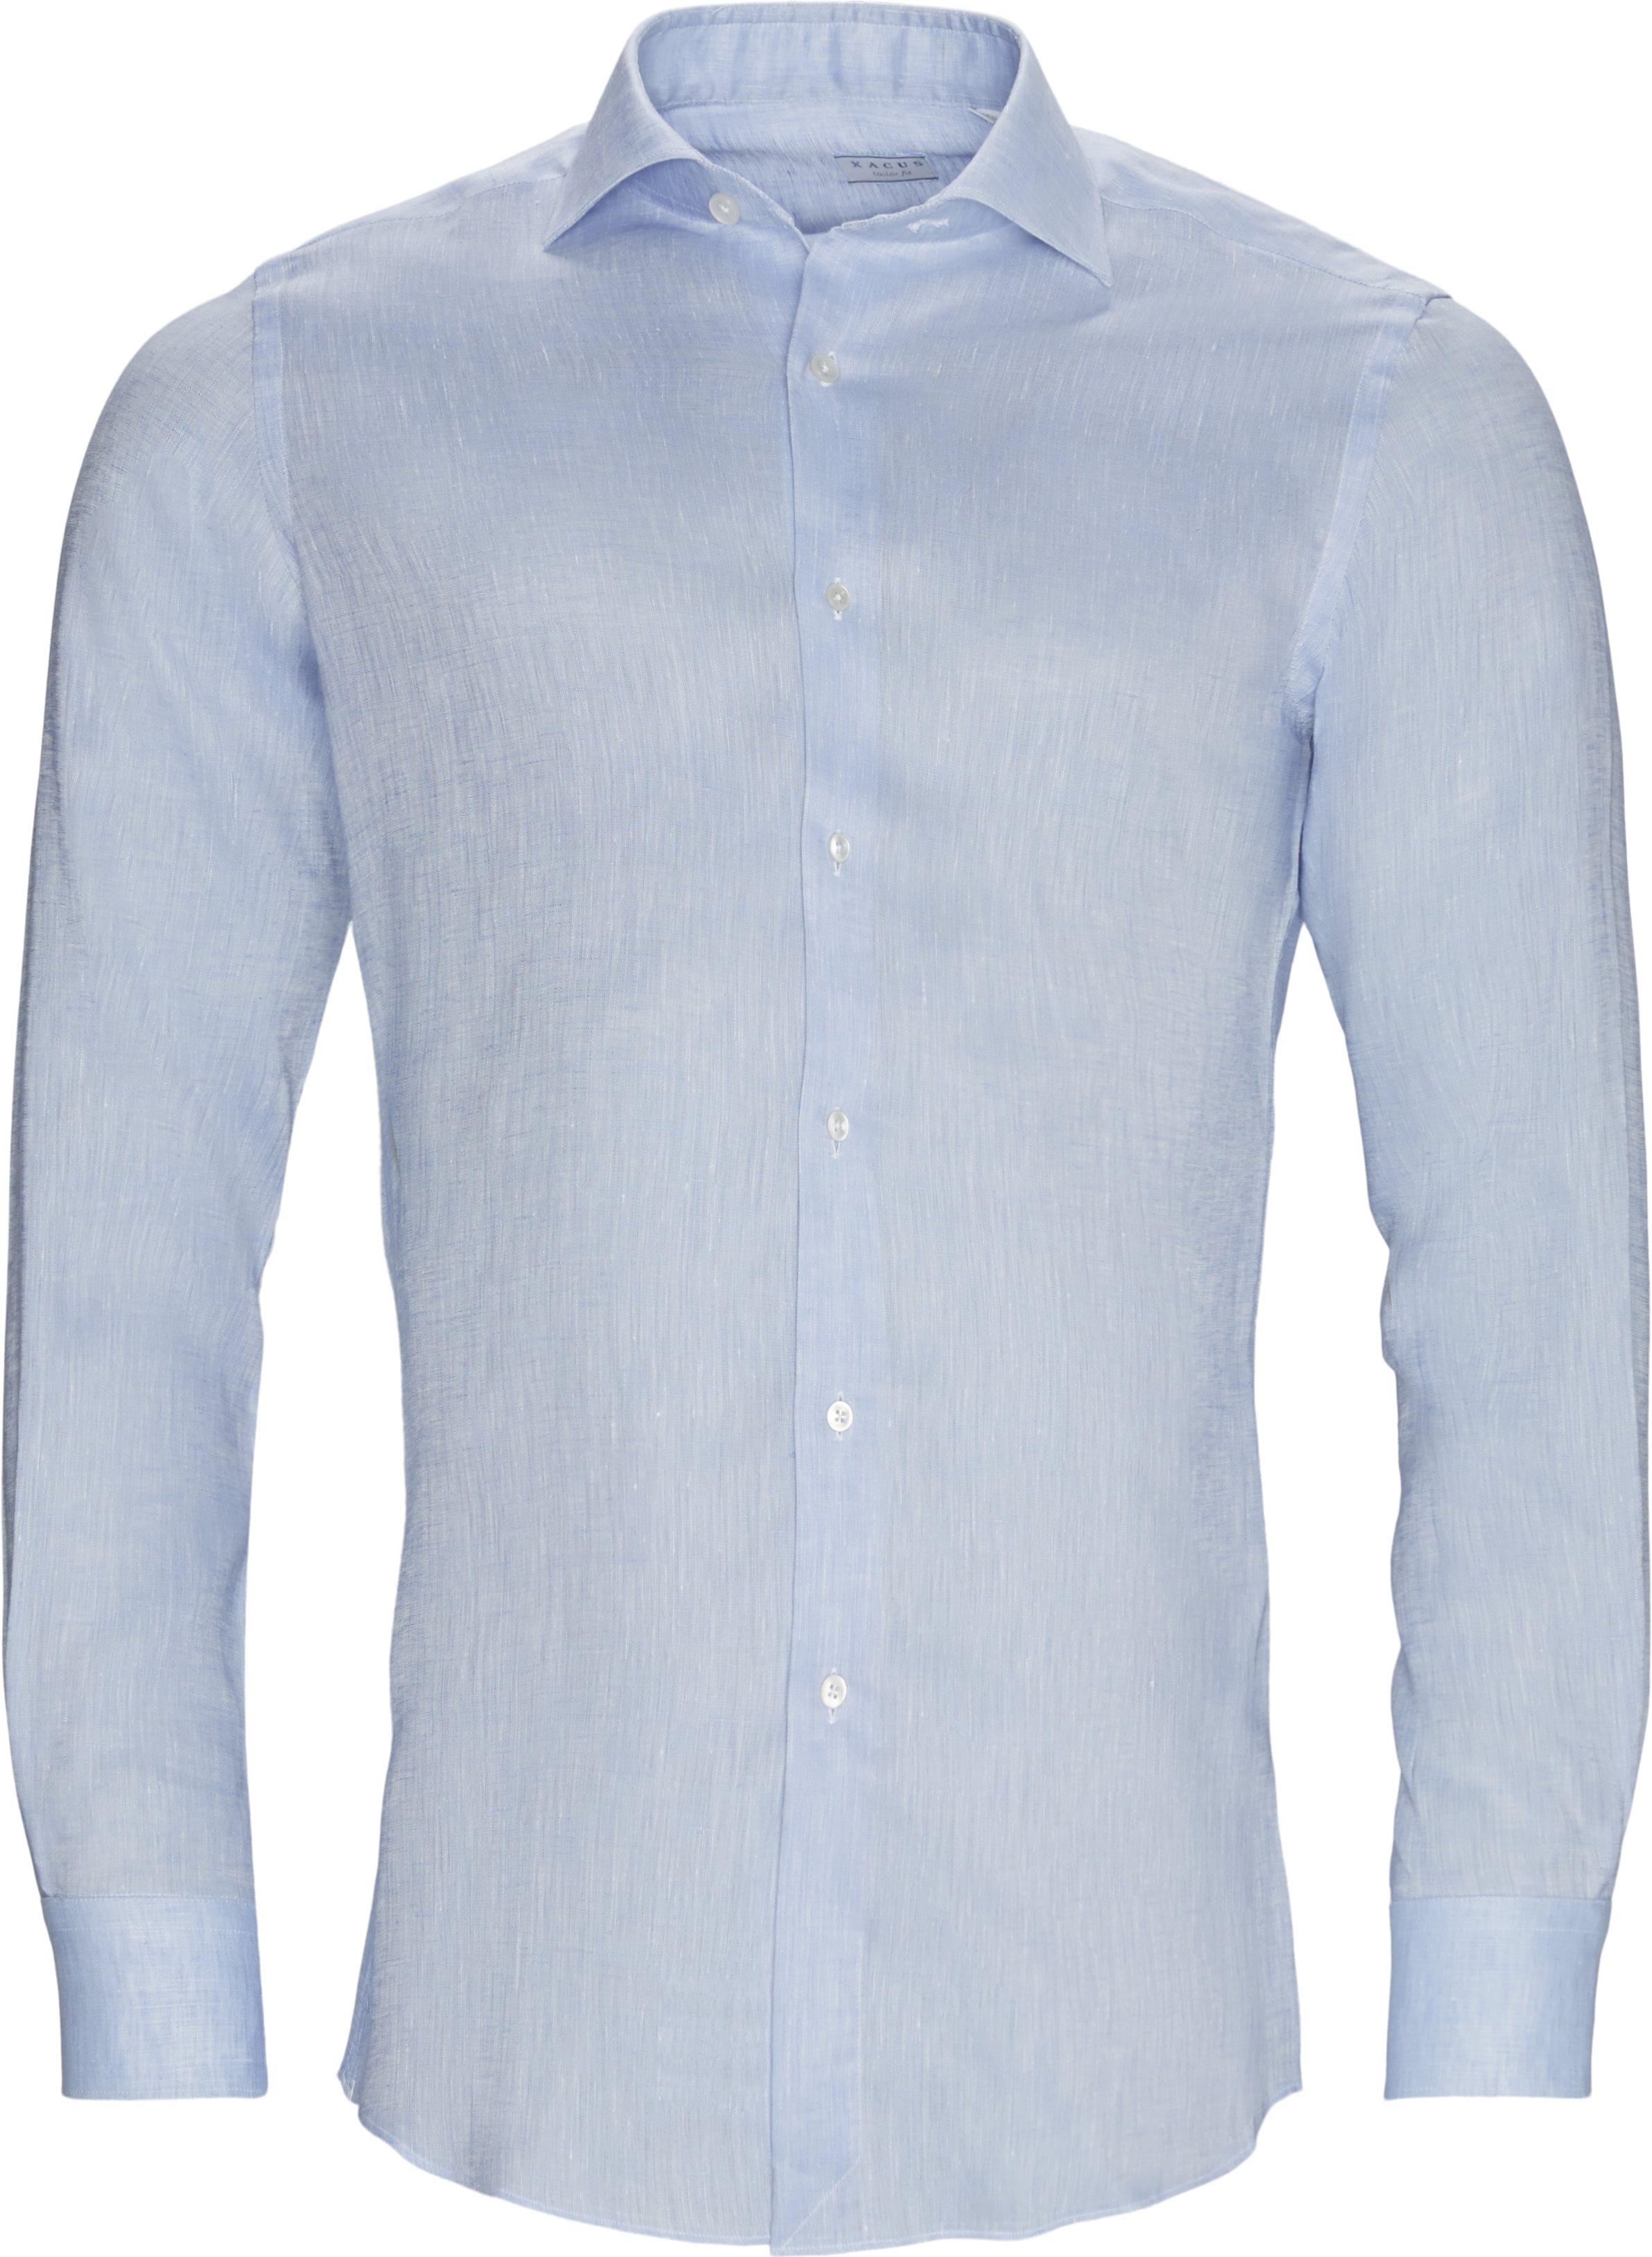 Hør skjorte - Skjorter - Contemporary fit - Blå